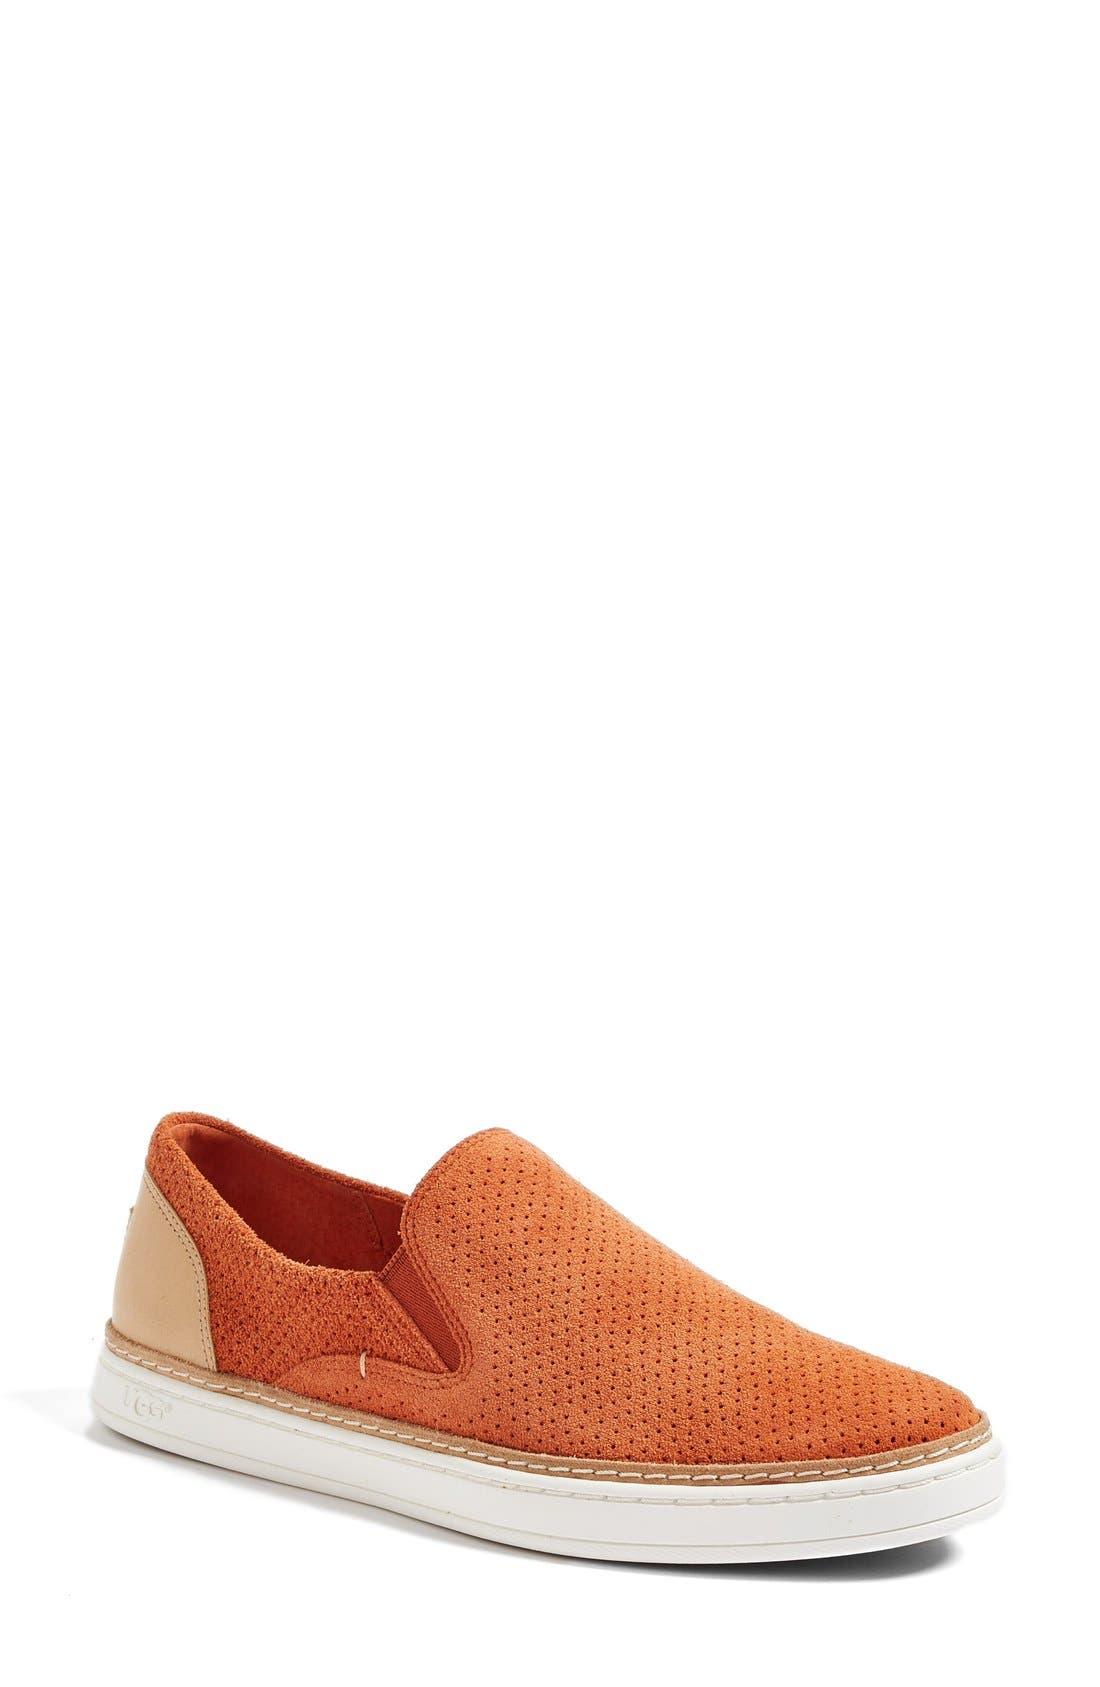 Adley Slip-On Sneaker,                             Main thumbnail 10, color,